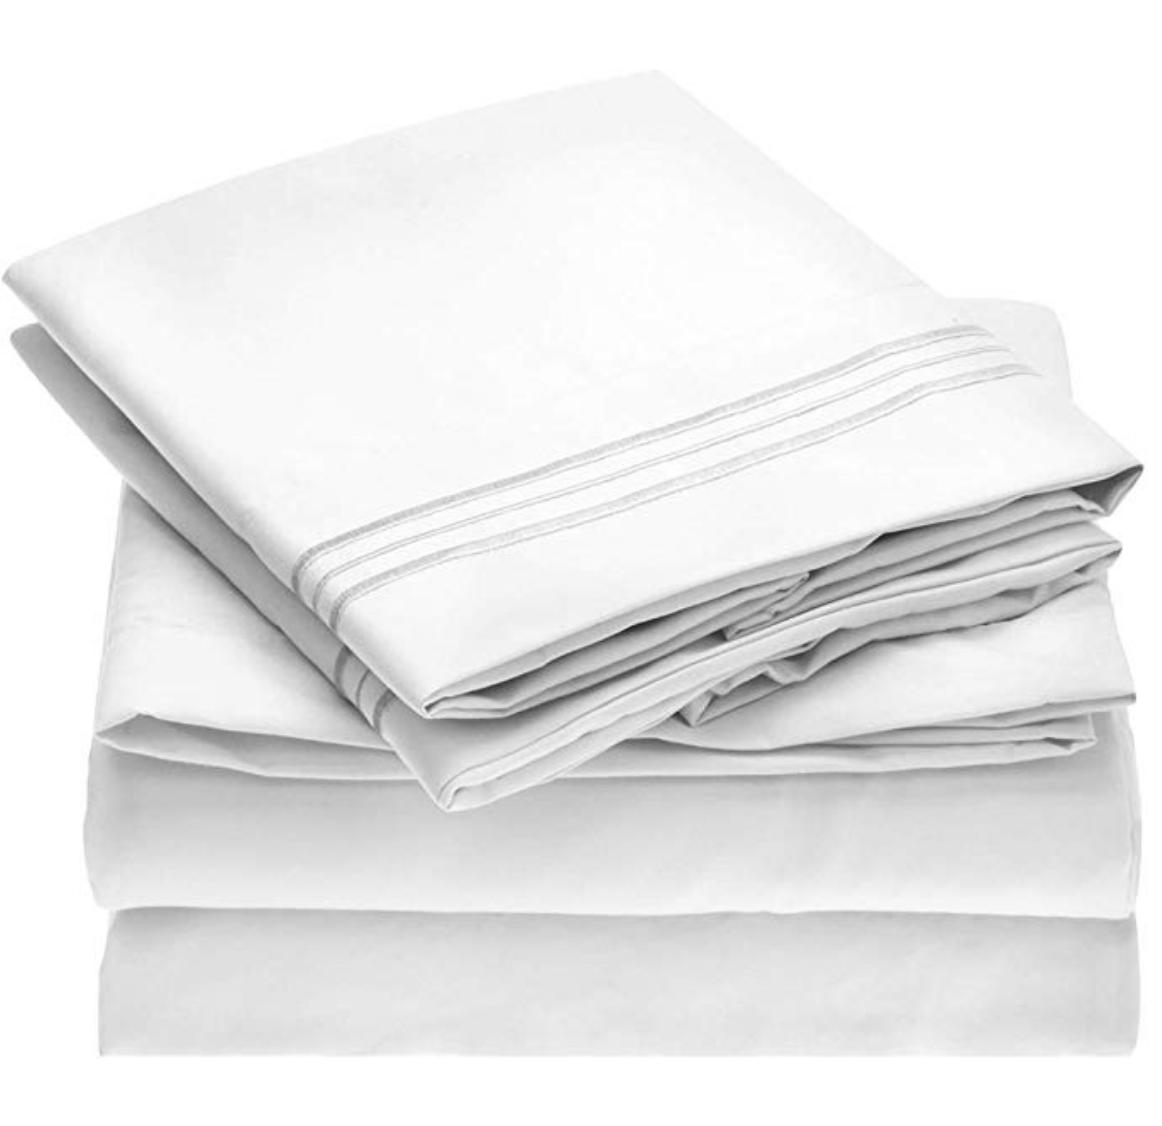 Mellanni Sheet Set - 4-Piece King Sheets, White